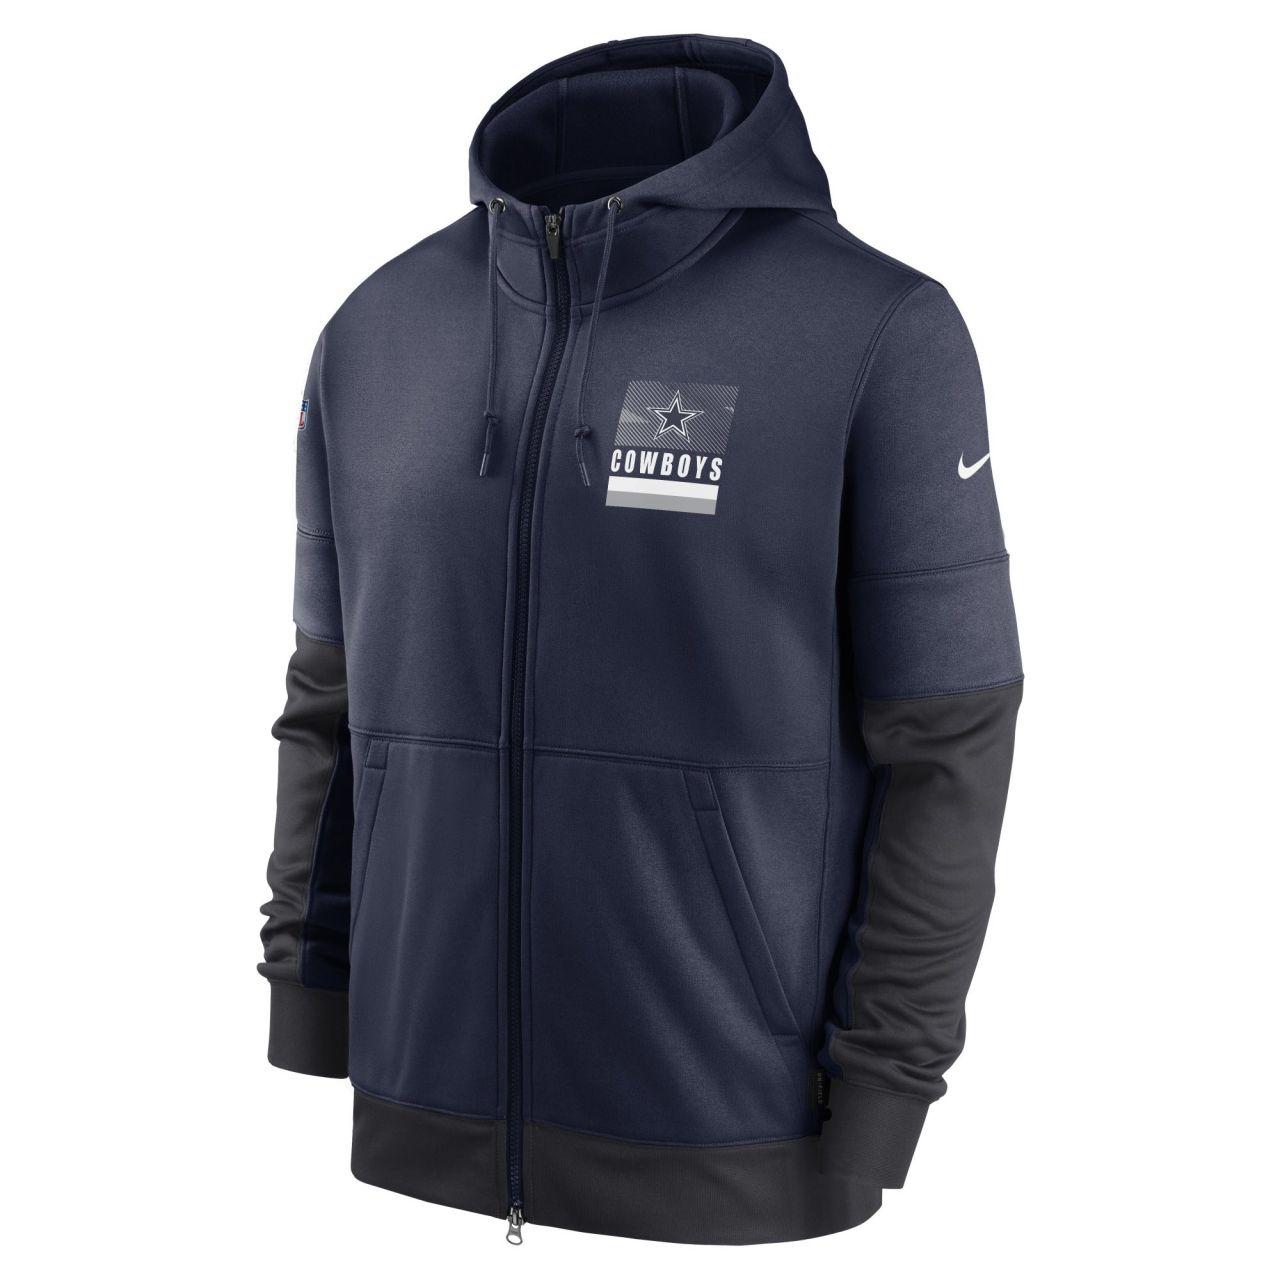 amfoo - Nike NFL Therma Zip Hoody - SIDELINE Dallas Cowboys